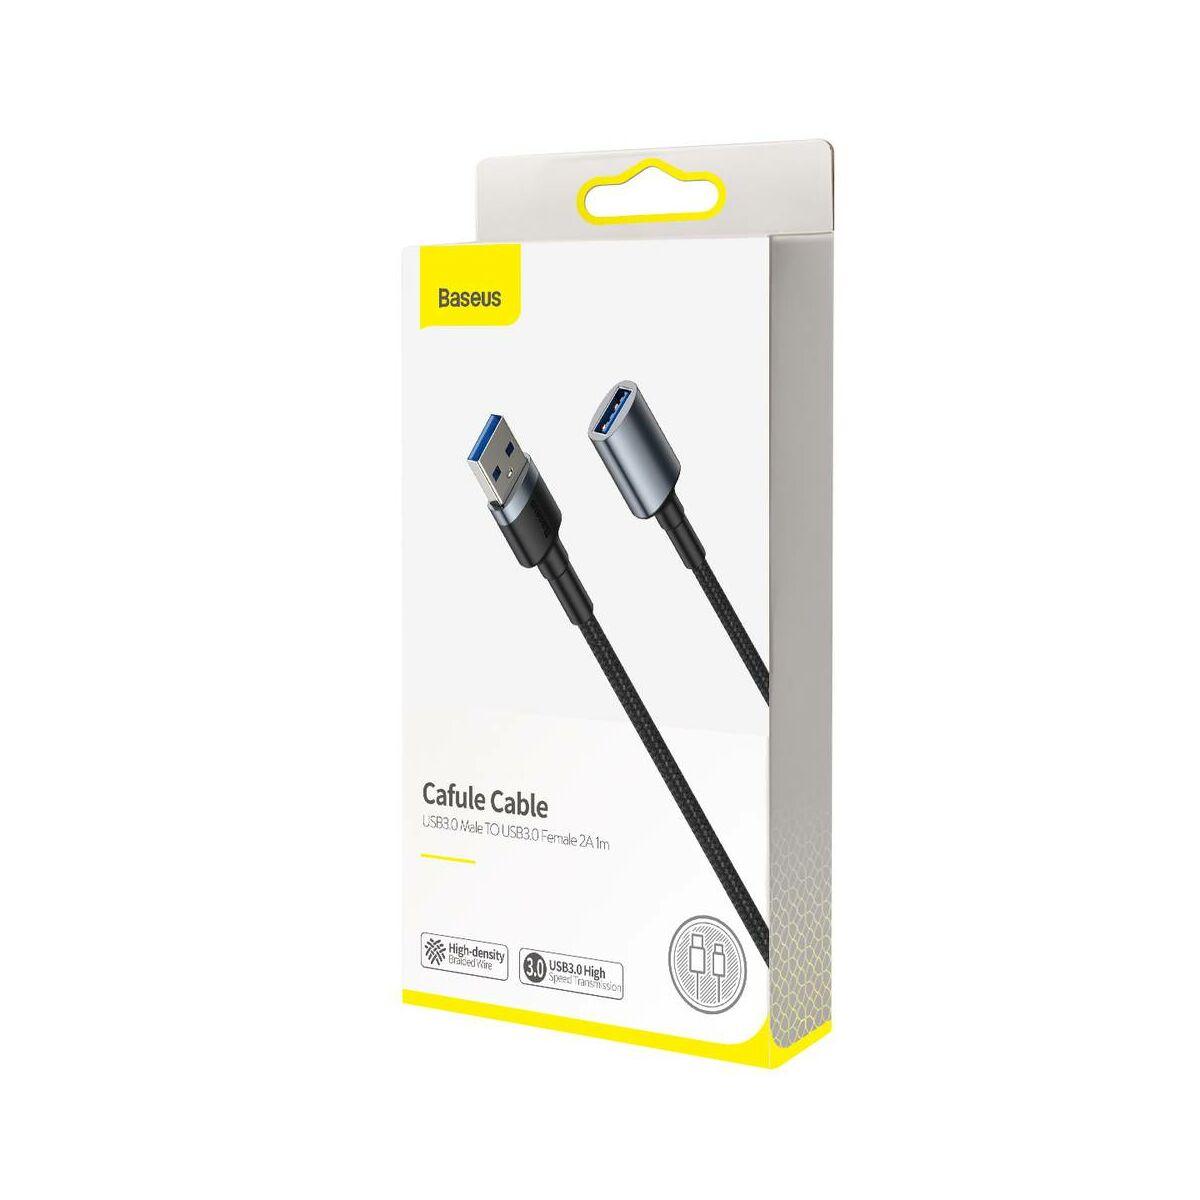 Baseus átalakító kábel, Cafule USB3.0[apa] -  USB3.0[anya] 2A, 1m, szürke (CADKLF-B0G)